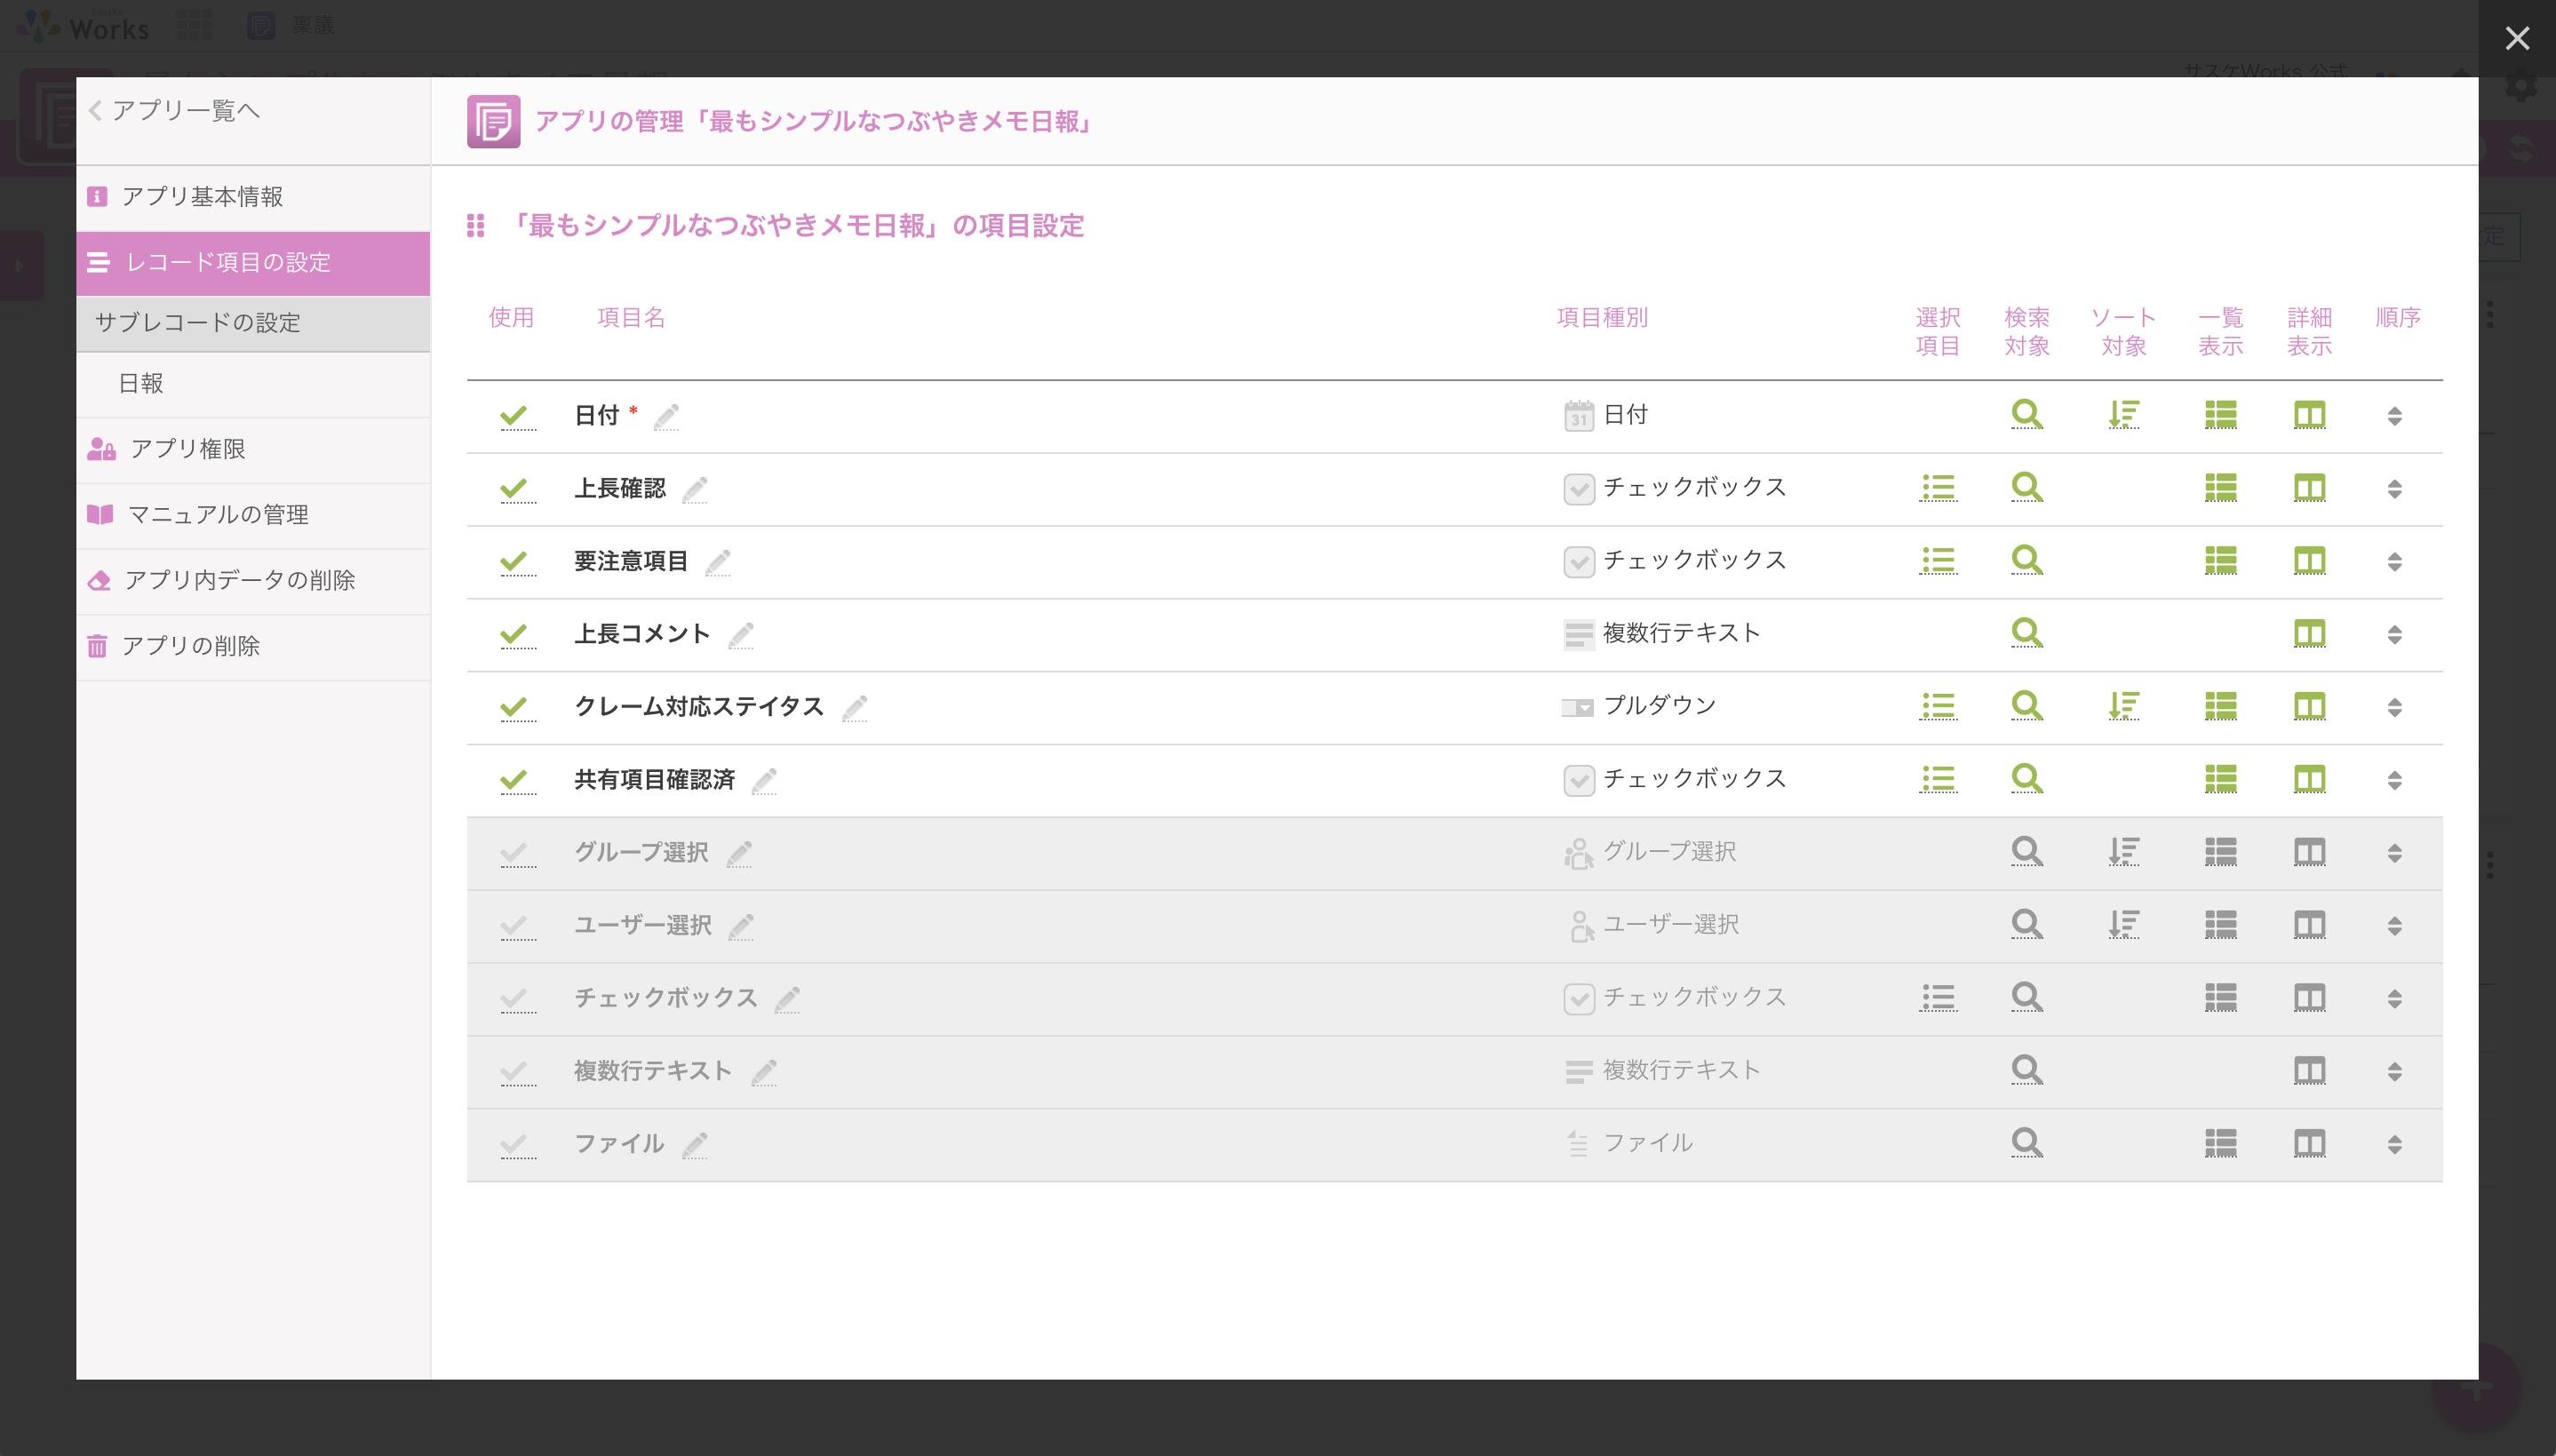 つぶやき_pc_レコード項目設定.png